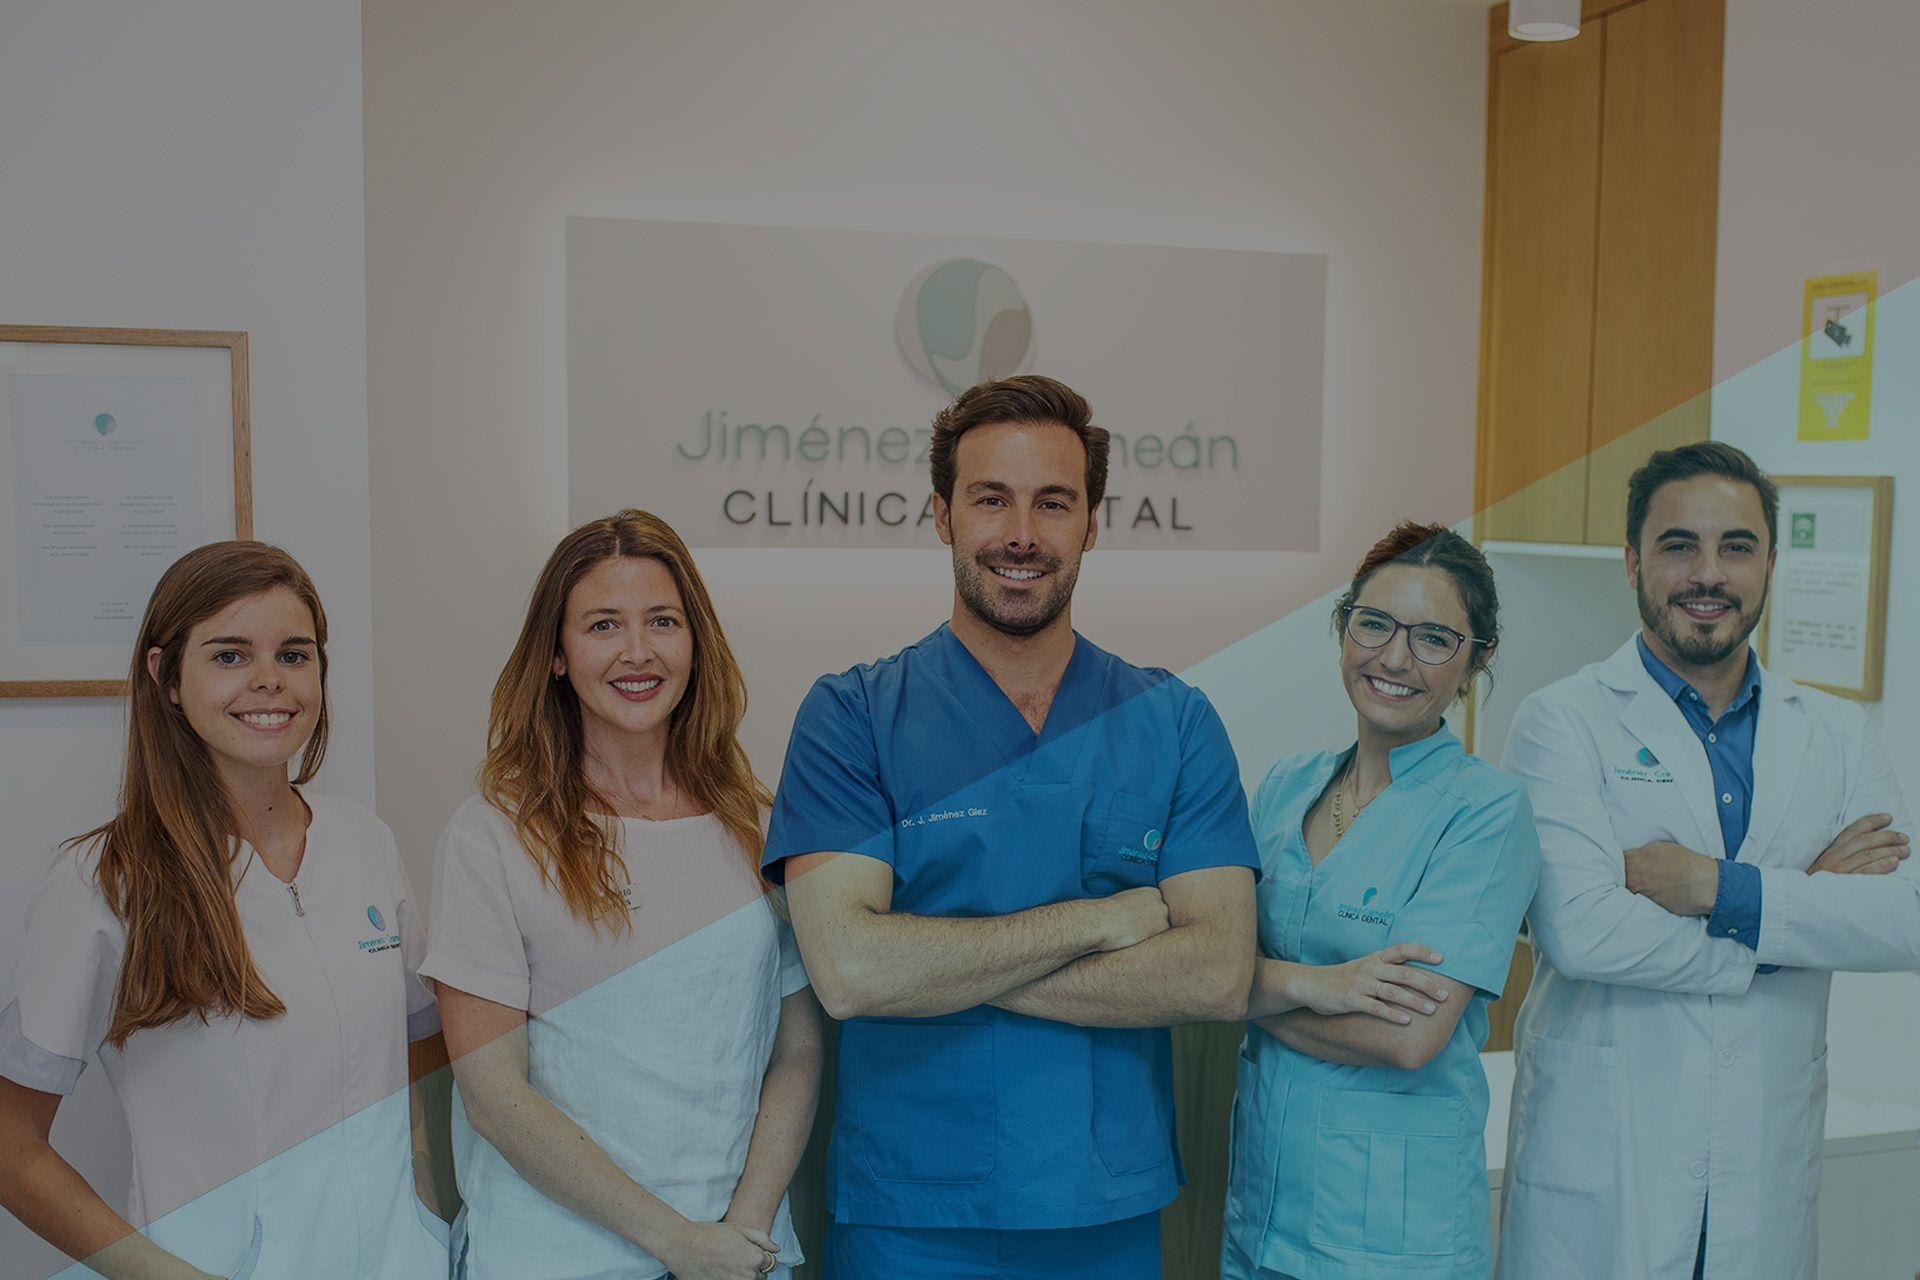 clinica dental sevilla, dentistas sevilla, clinica dental jimenez camean